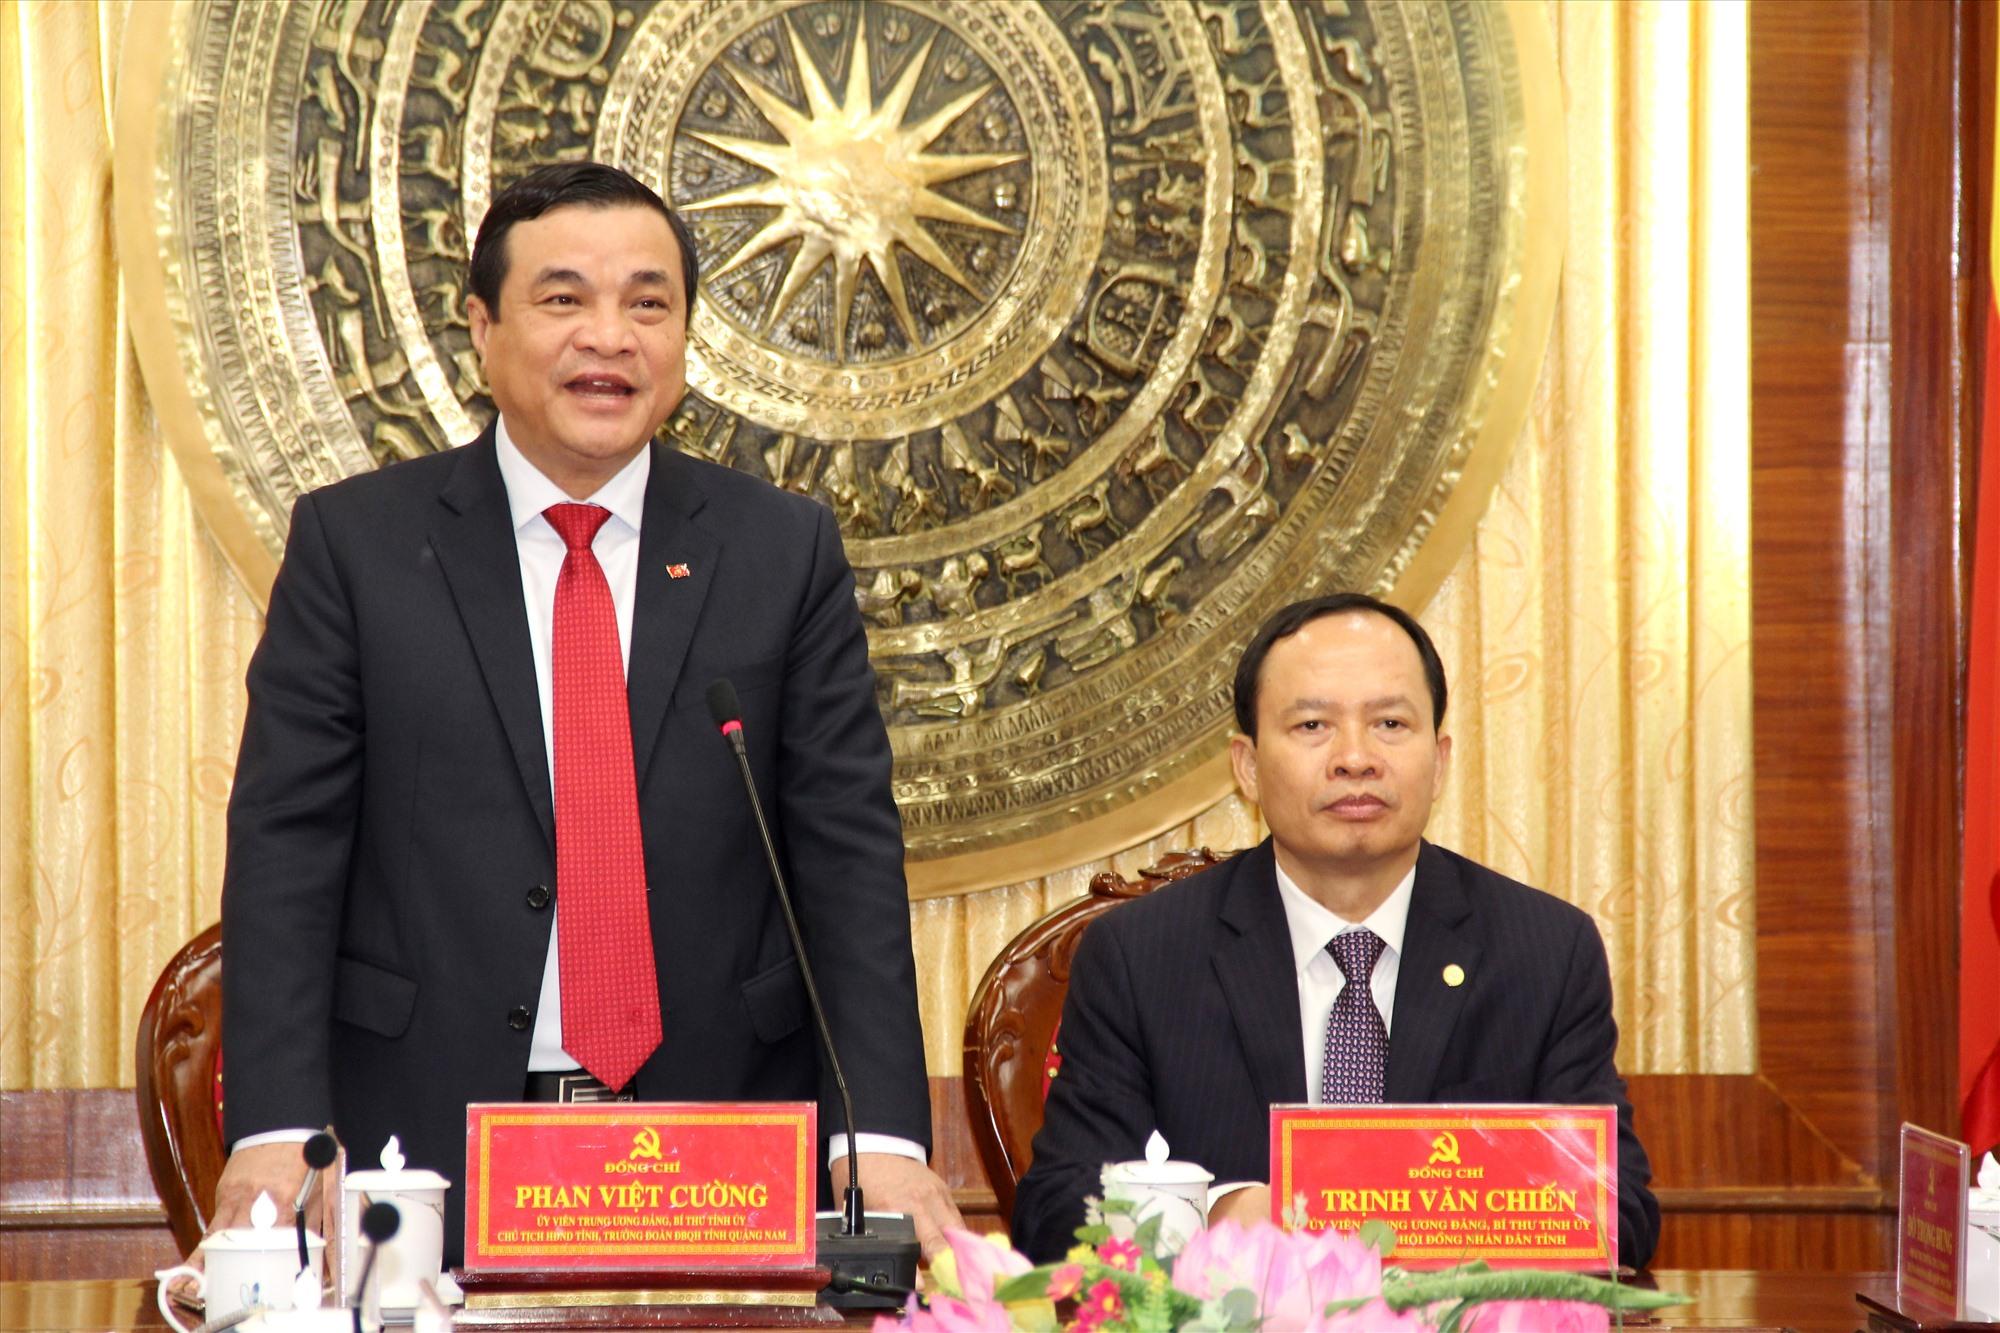 Bí thư Tỉnh ủy Phan Việt Cường phát biểu tại cuộc họp. Ảnh: A.N